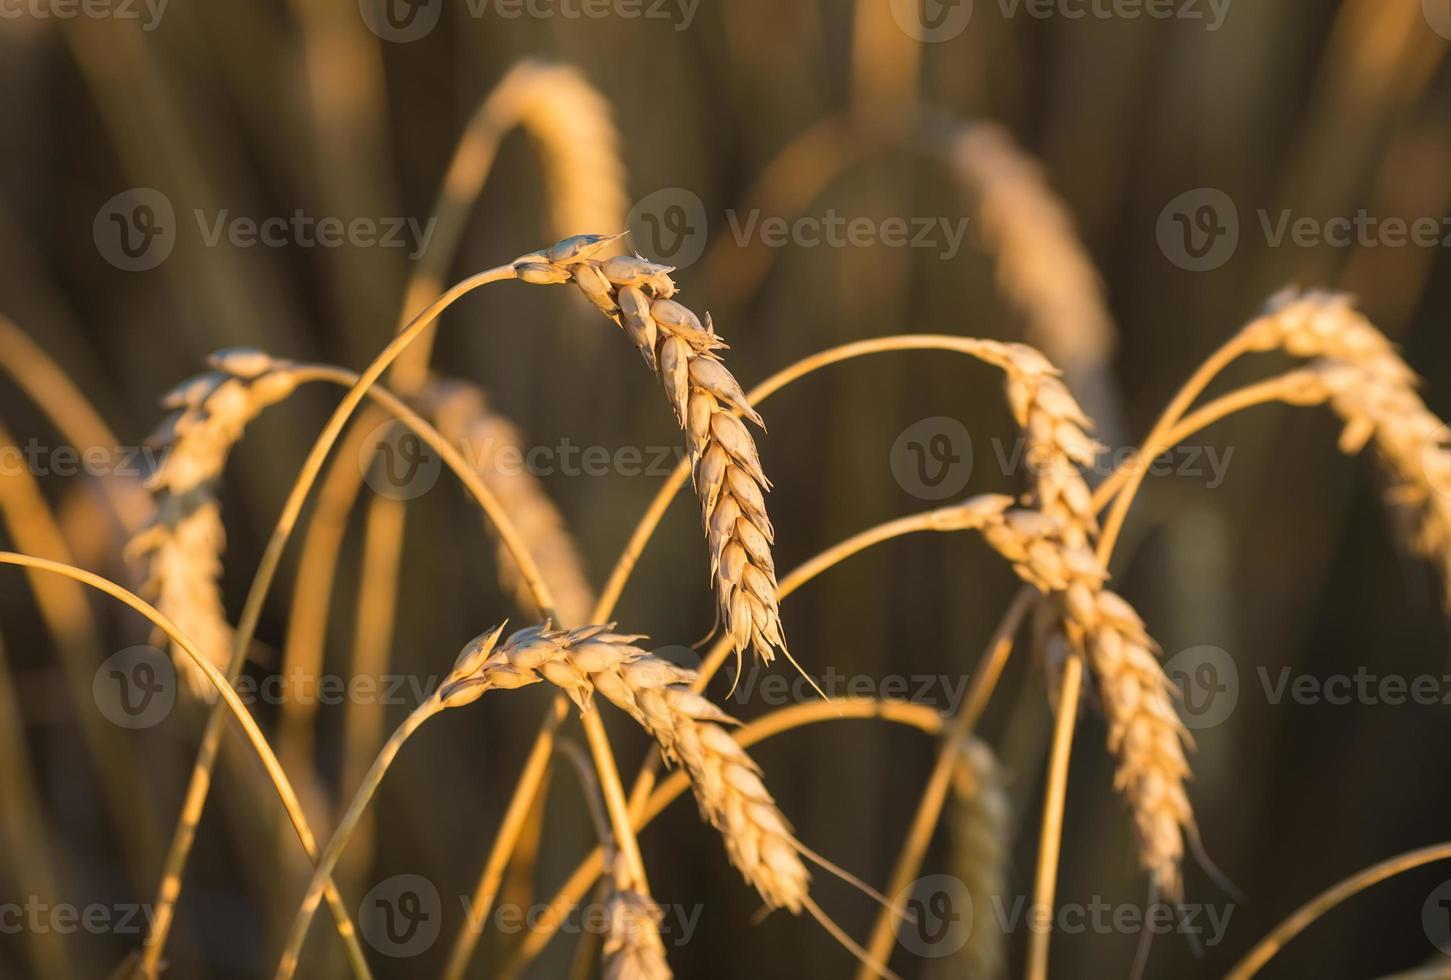 guldöron av vete under himlen foto